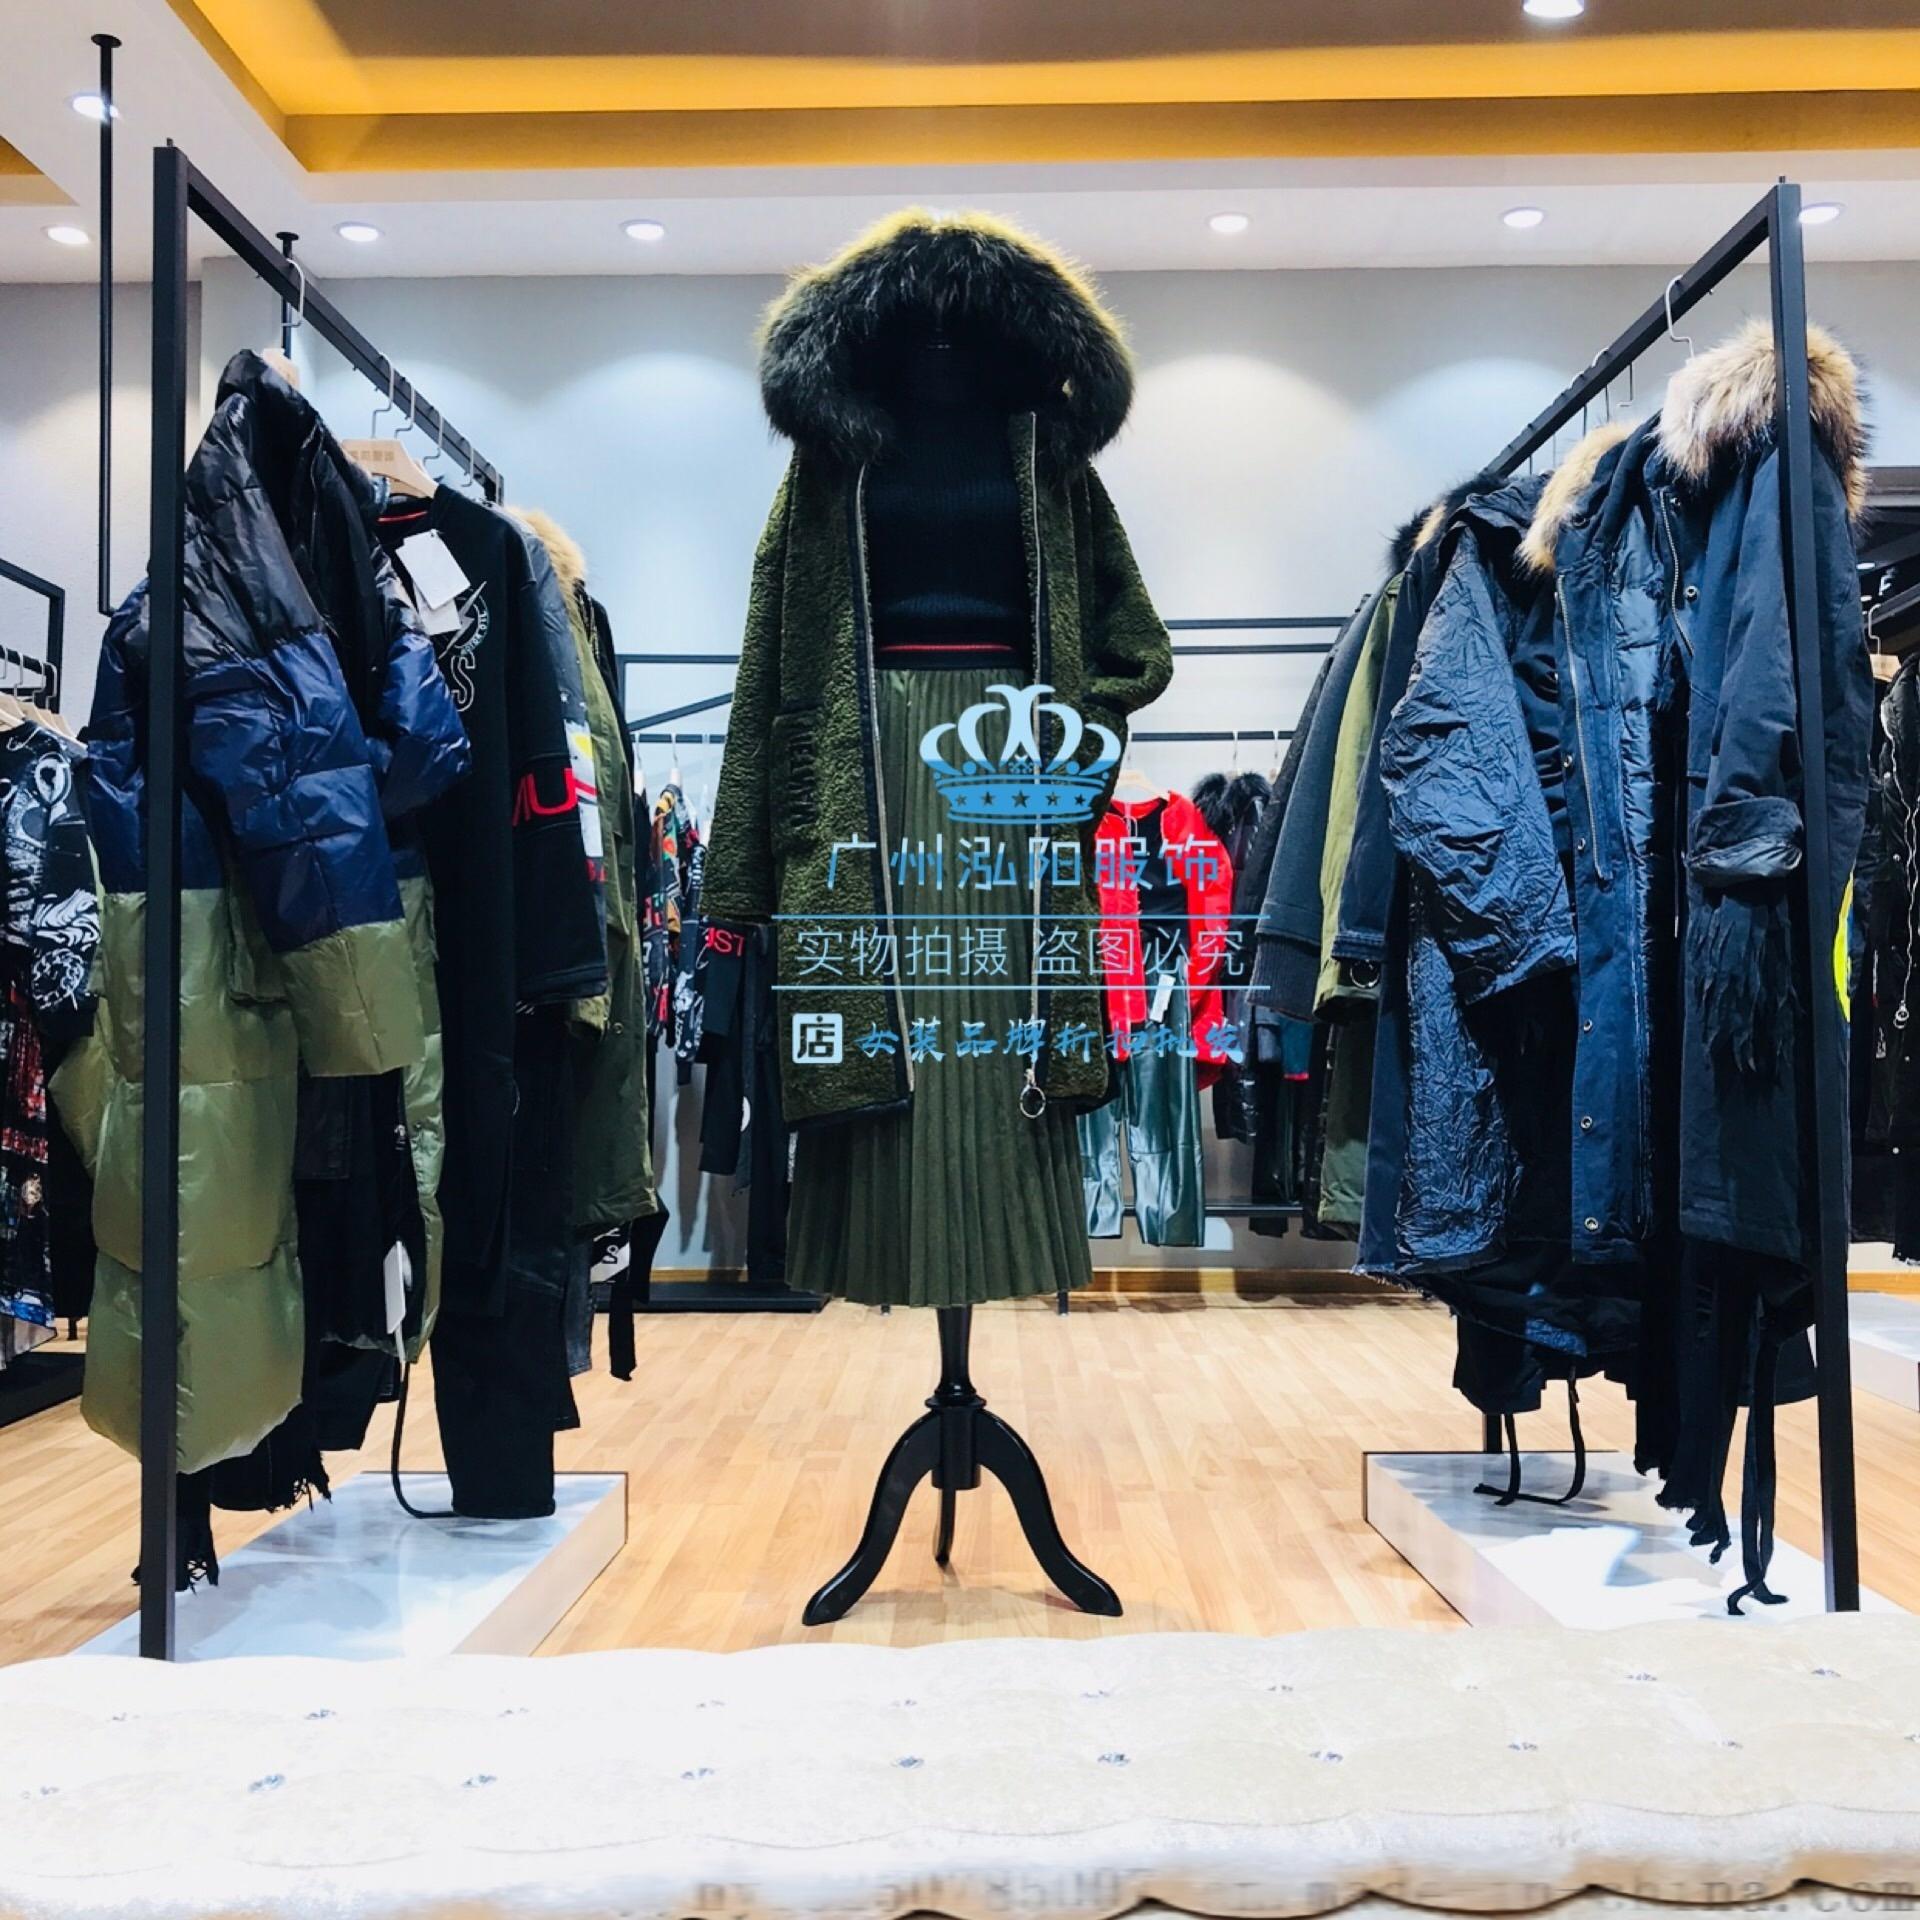 拓谷服饰_拓谷是广州泓阳服饰一年四季主打品牌之一,潮牌包括(欧e黑马蓝)